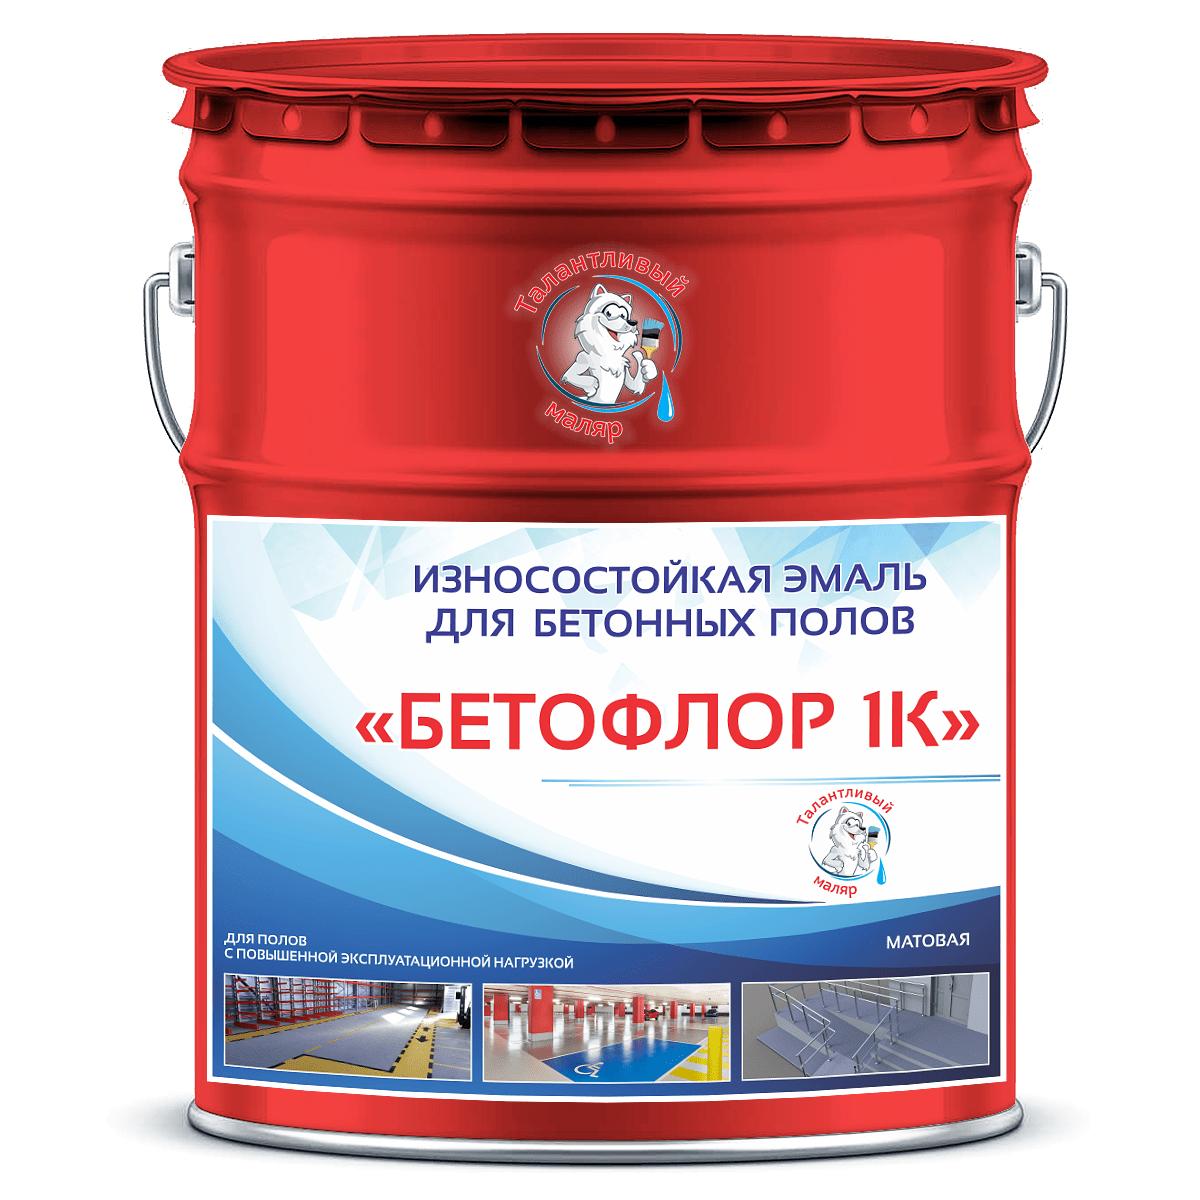 """Фото 8 - BF3020 Эмаль для бетонных полов """"Бетофлор"""" 1К цвет RAL 3020 Транспортный красный, матовая износостойкая, 25 кг """"Талантливый Маляр""""."""